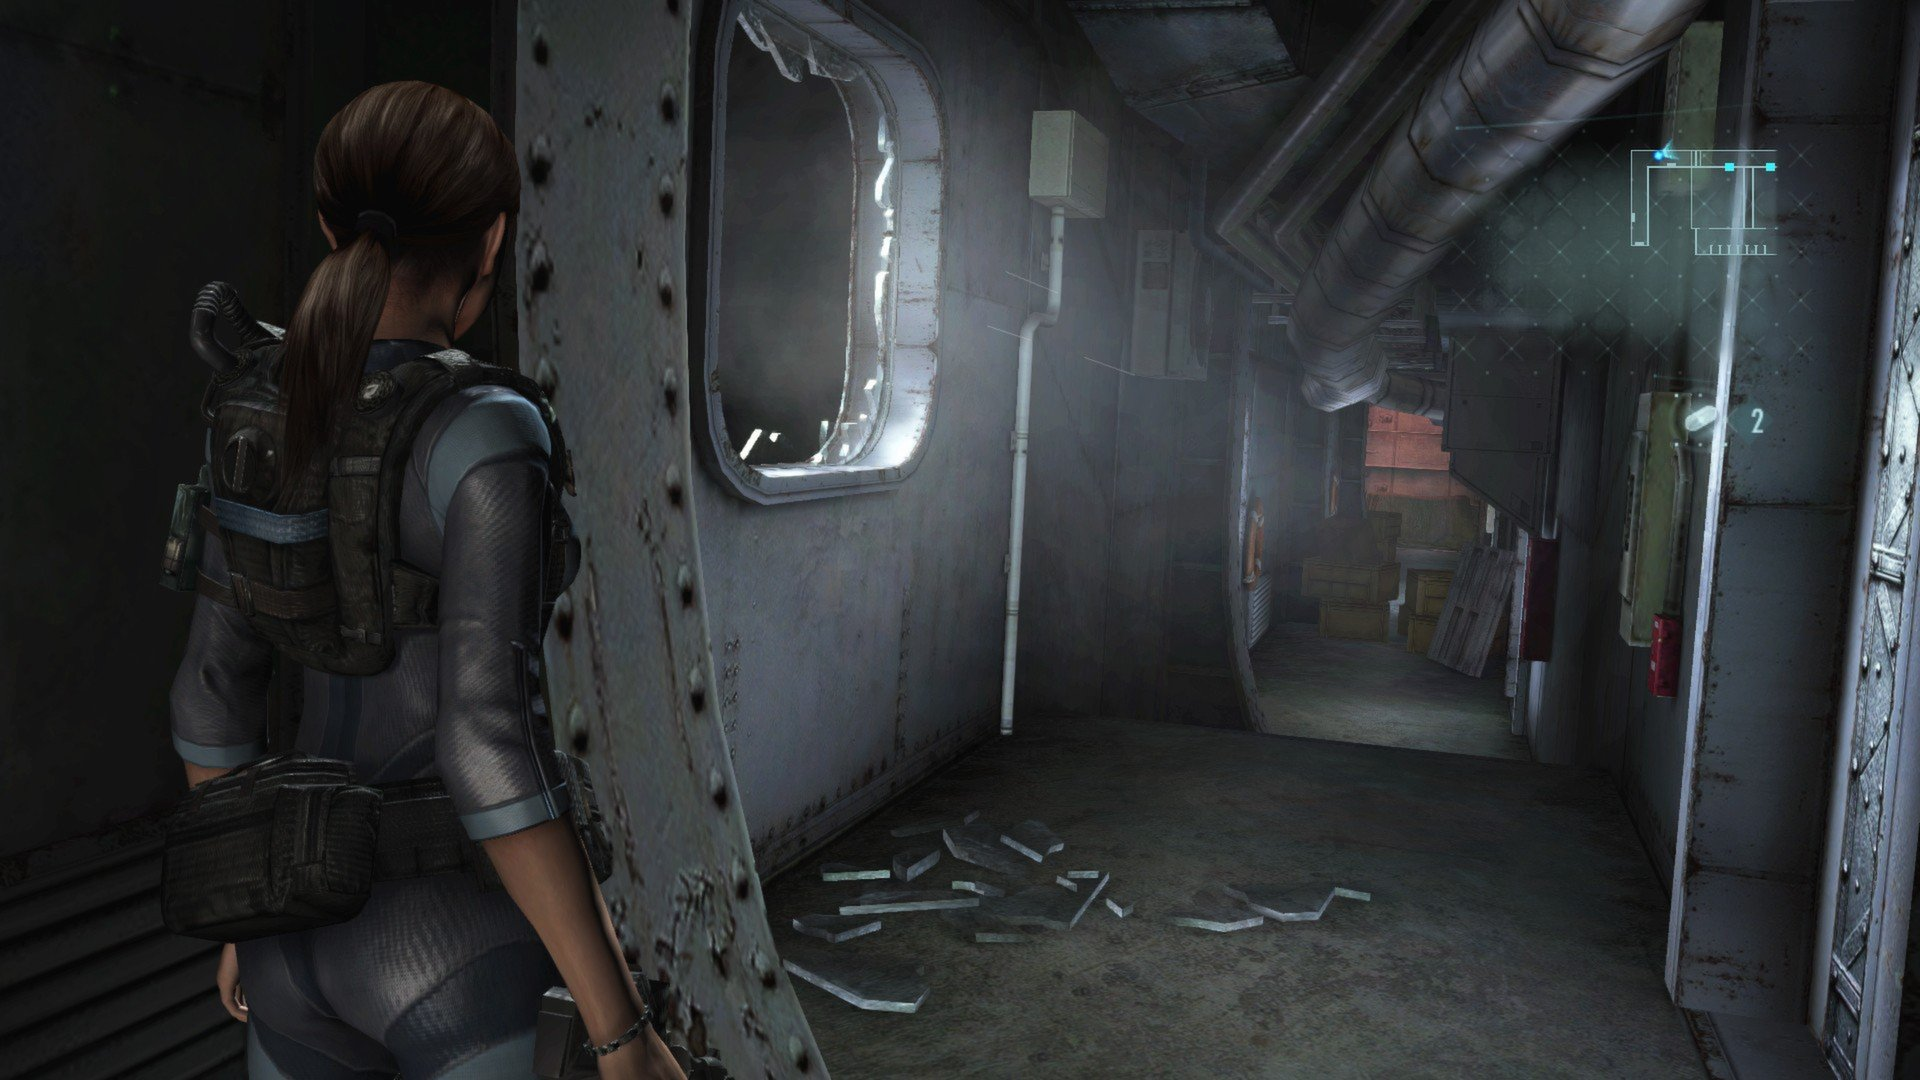 Скриншот к игре Resident Evil: Revelations [v 1.0u5 + DLC] (2013) скачать торрент RePack